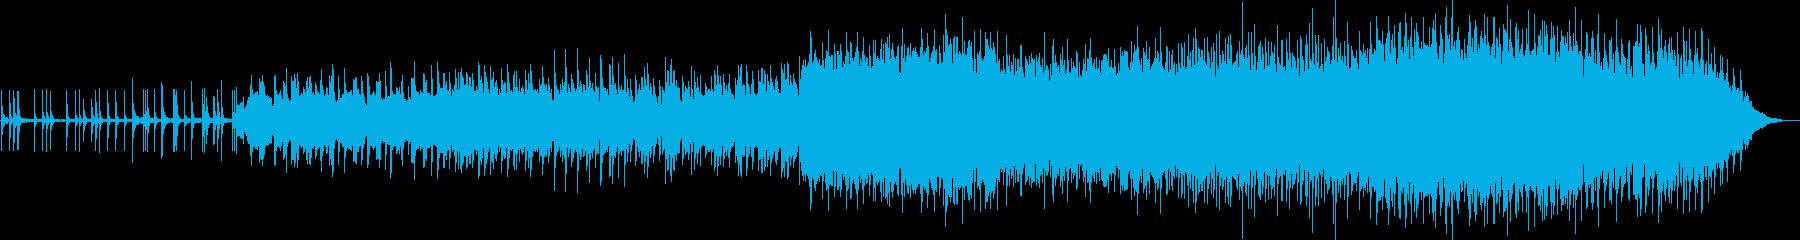 三味線とストリングスの幻想的和風BGMの再生済みの波形